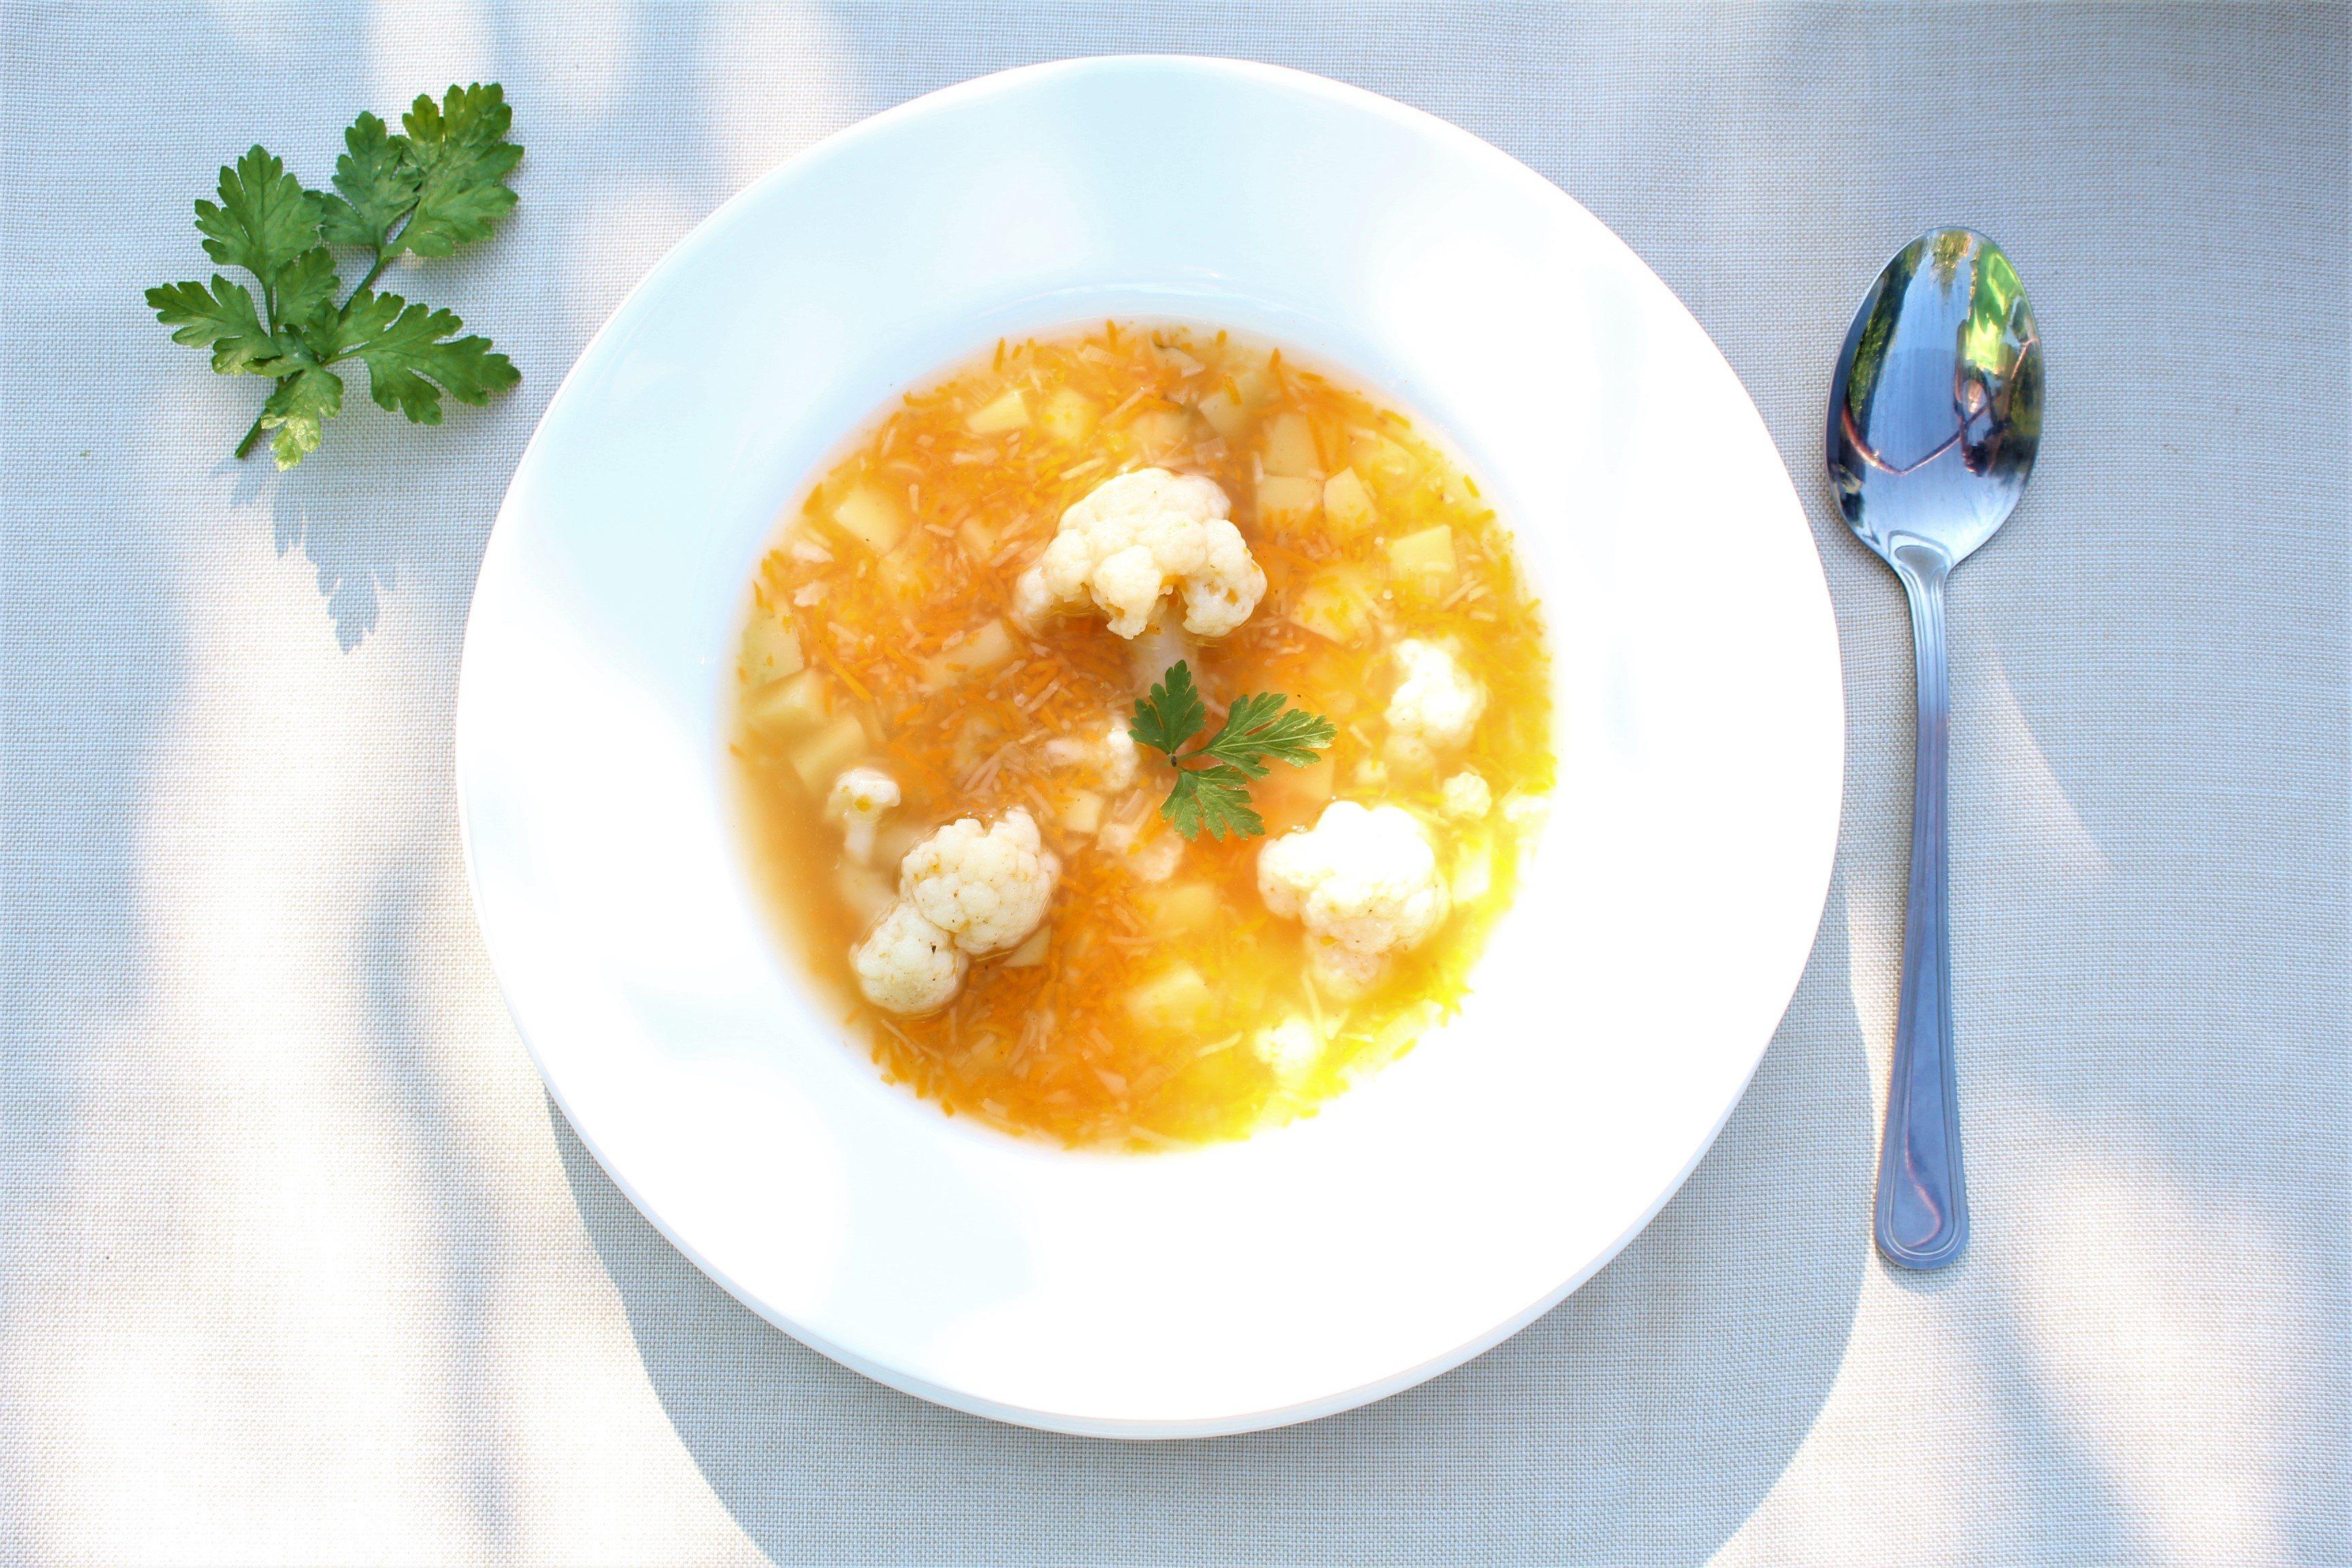 Pyszna zupa kalafiorowa wege - przepis